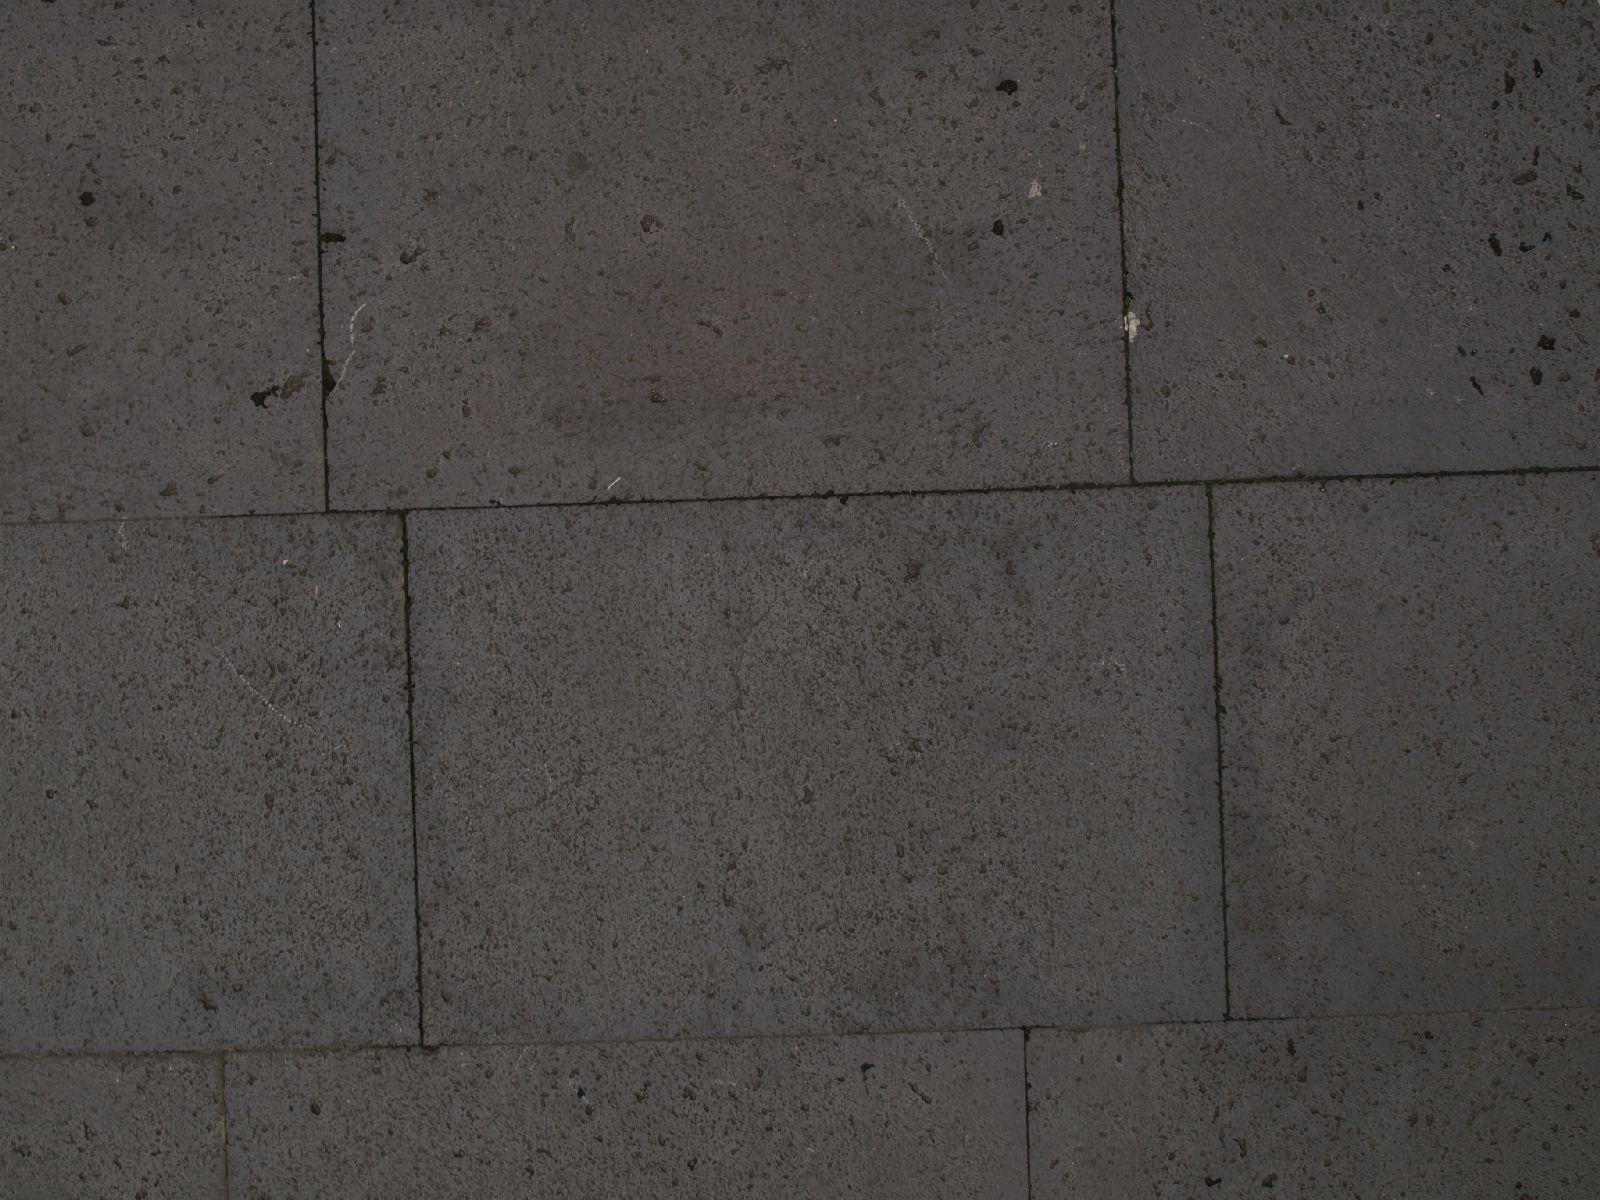 Boden-Gehweg-Strasse-Buergersteig-Textur_A_P4131163